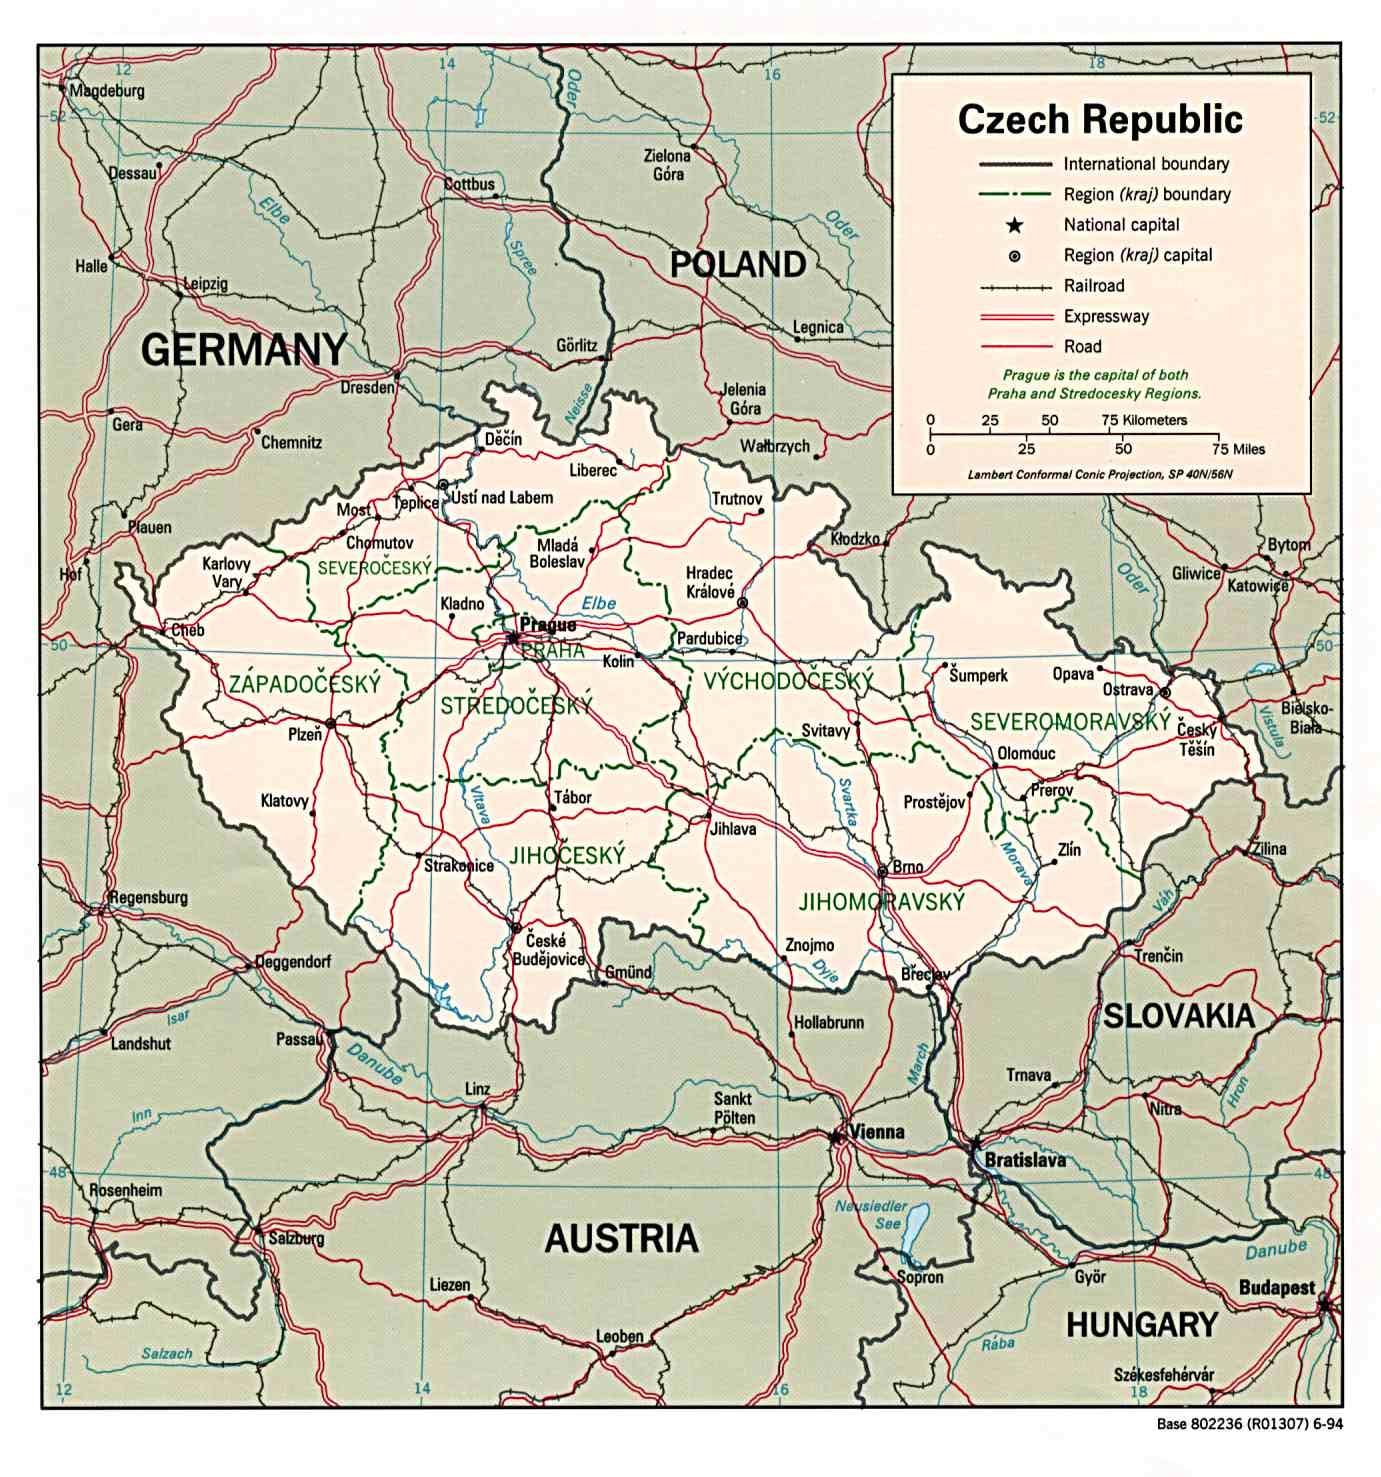 Mapa Politico de la República Checa